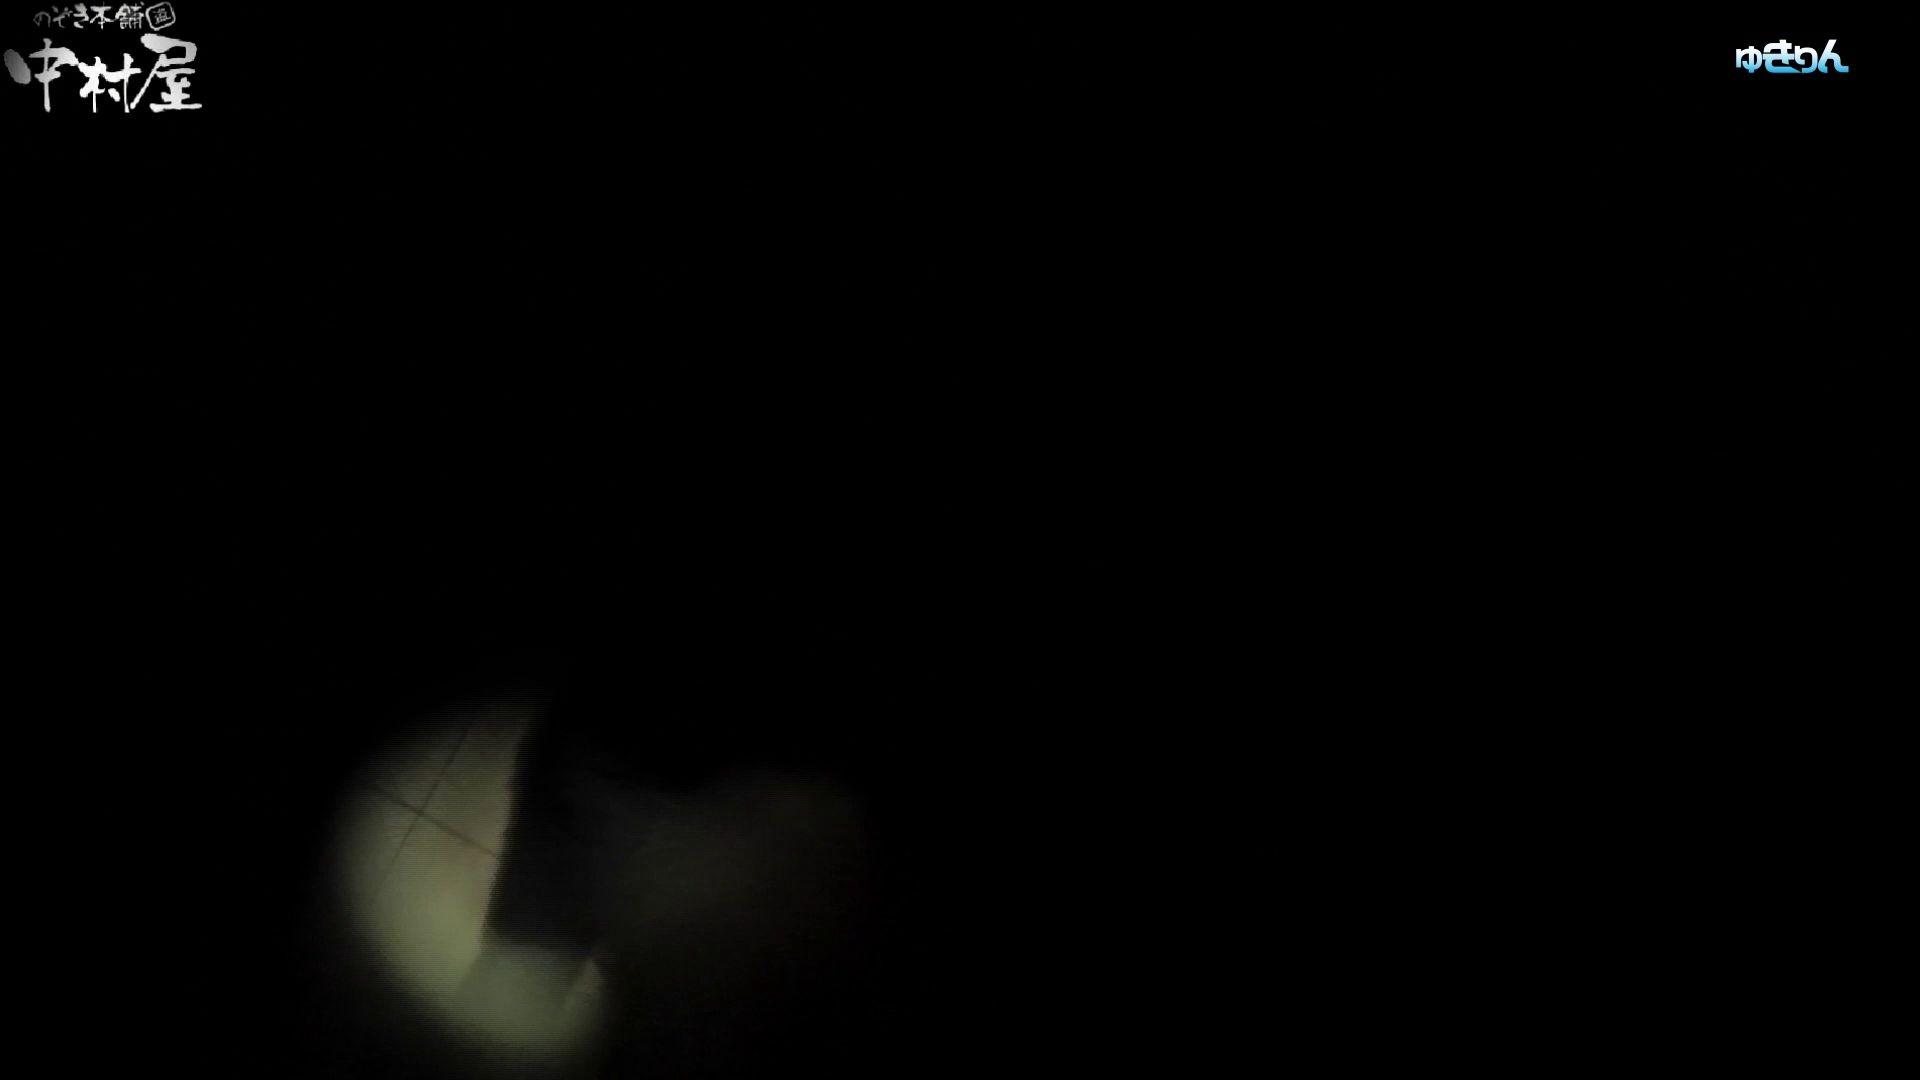 世界の射窓から~ステーション編 vol58 0.1%の確率!!吸い付こまれるプレミアム聖地 盗撮特集   おまんこ  83画像 38